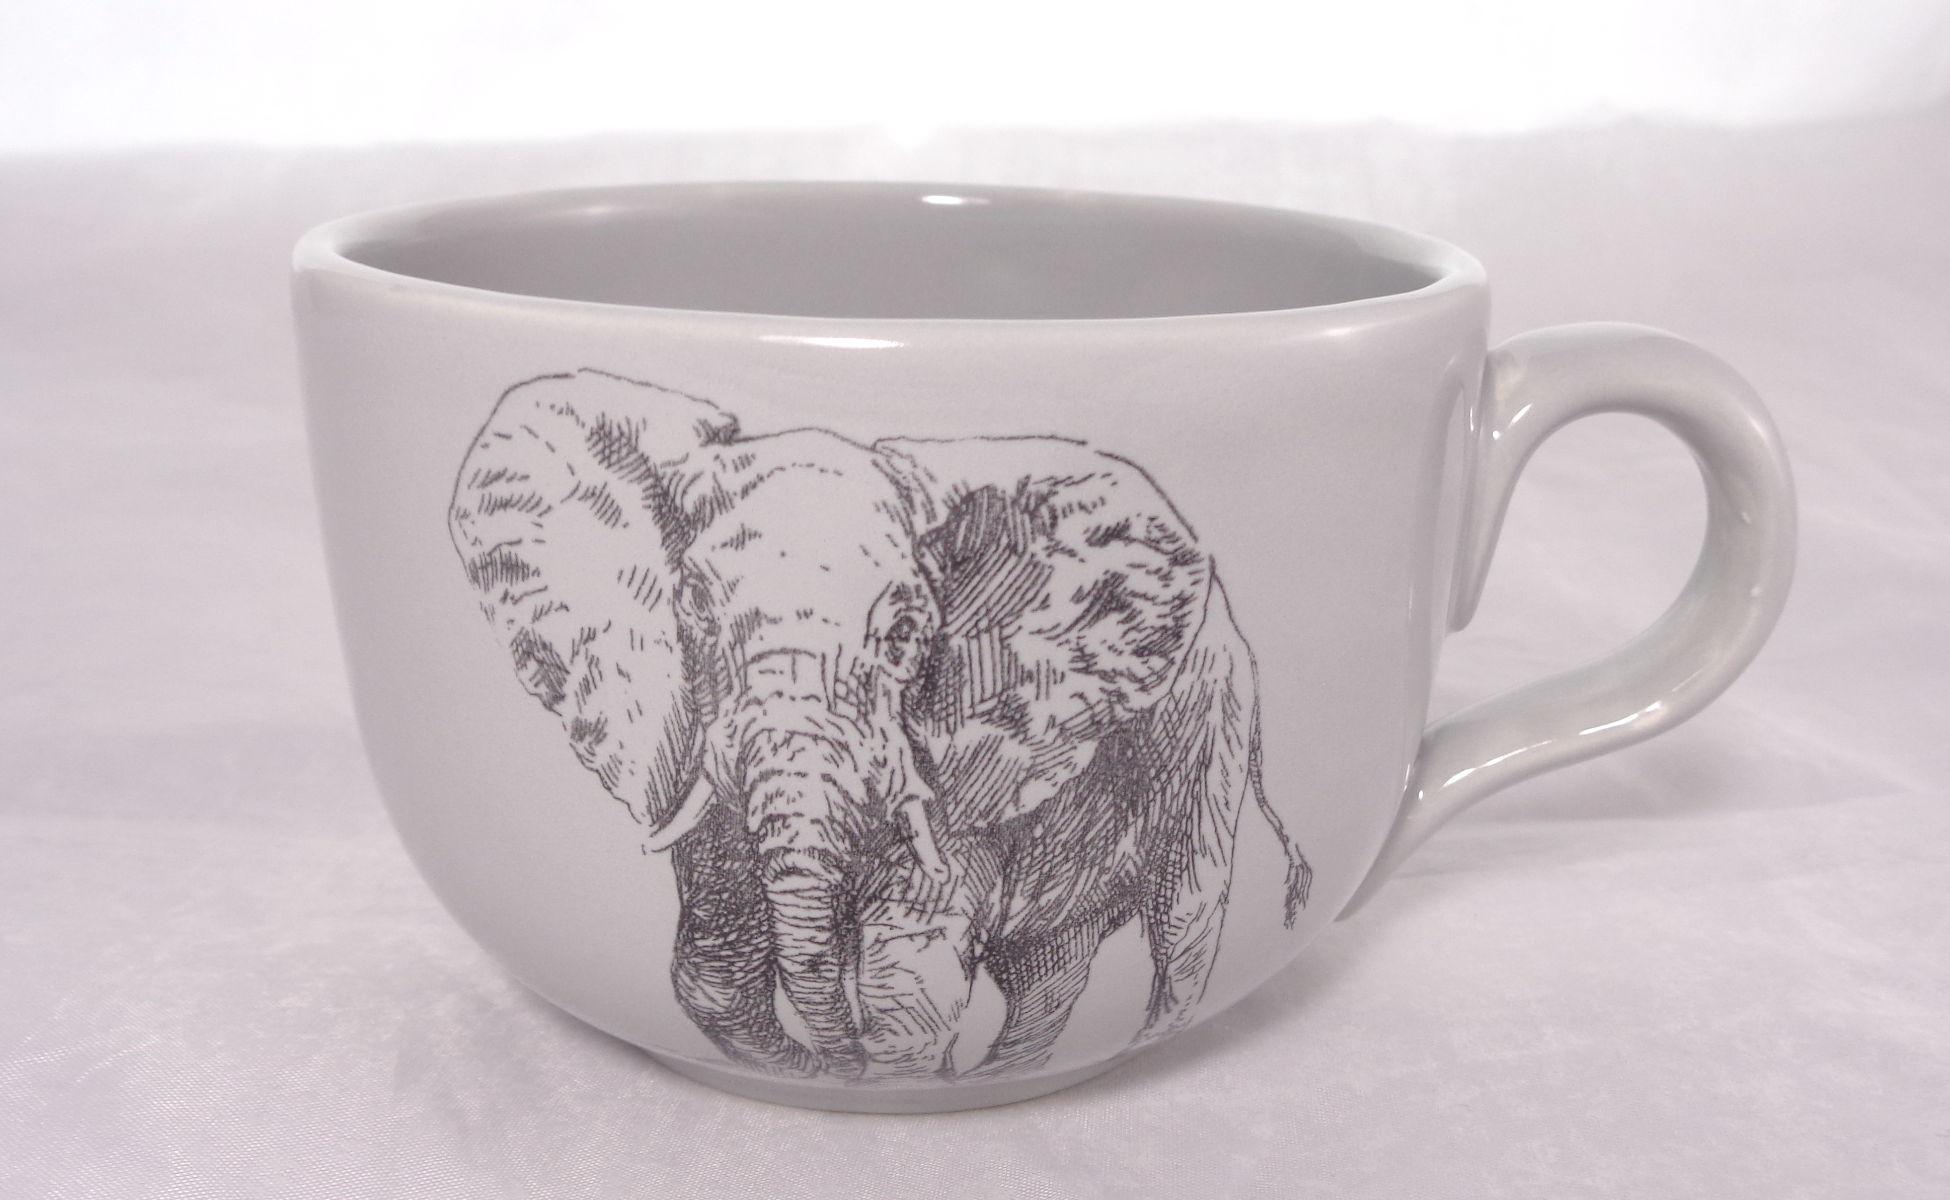 Bemalte Keramik Elefanten-Kaffeetasse